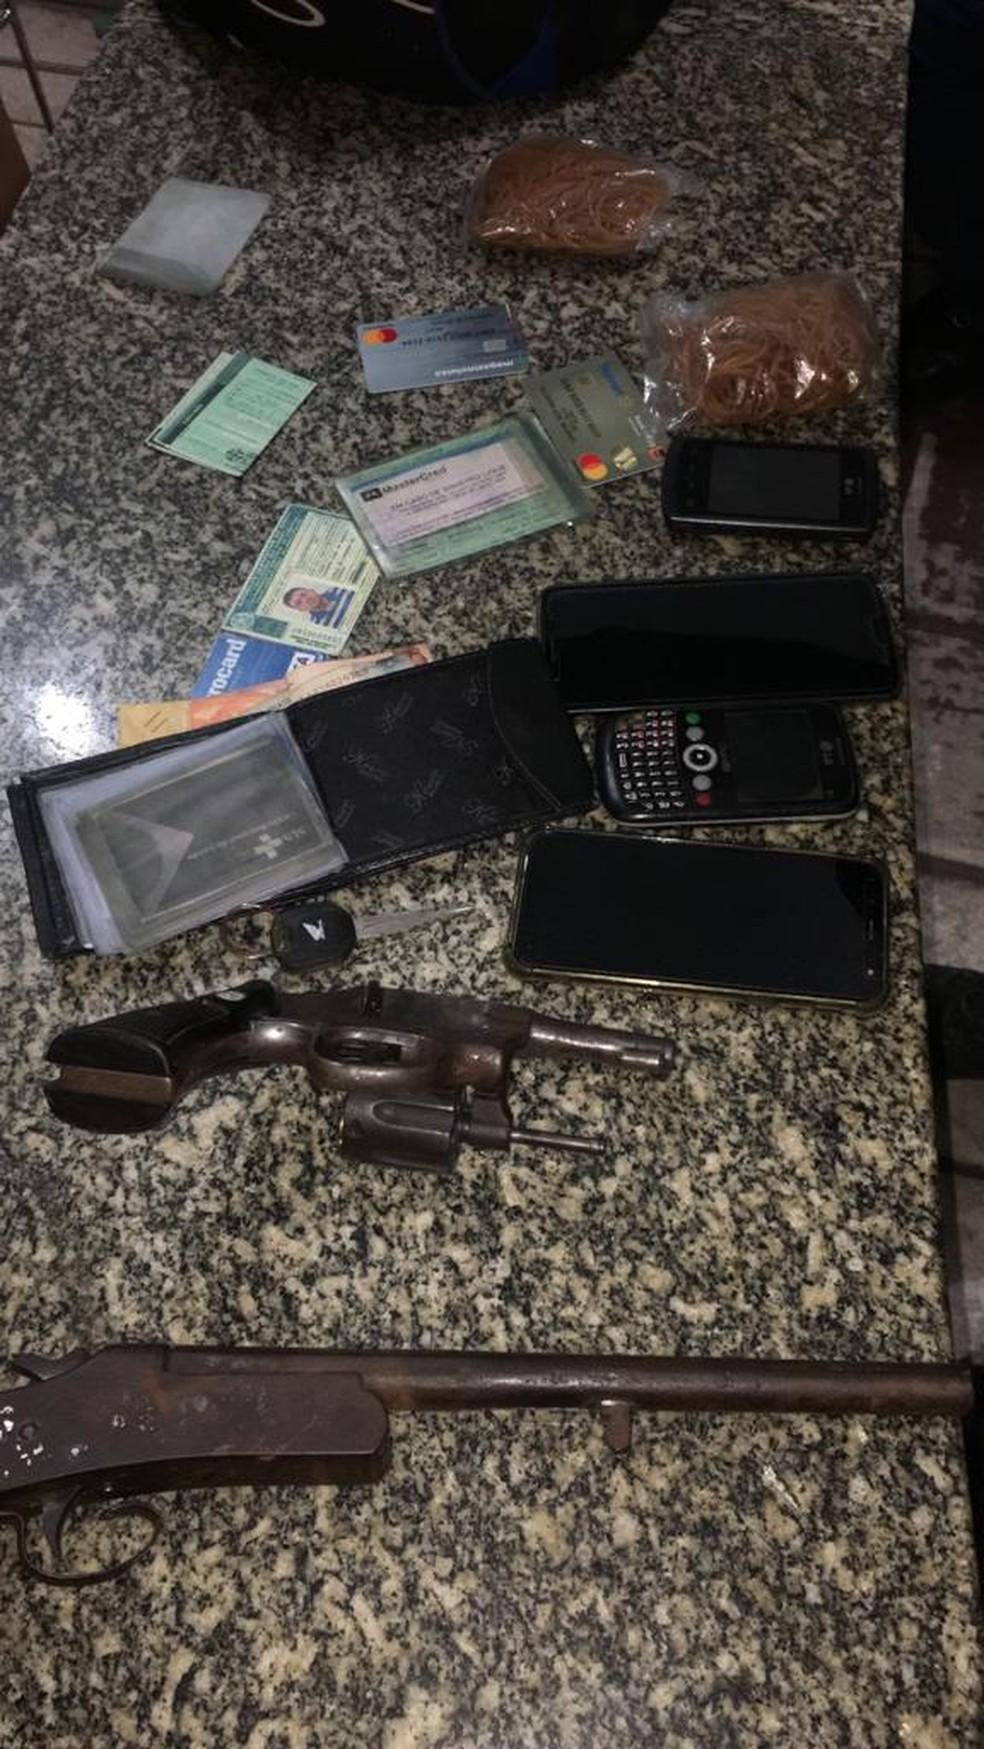 Armas e objetos roubados foram apreendidos com homem que morreu em confronto com a PM em Tibau, RN — Foto: Divulgação